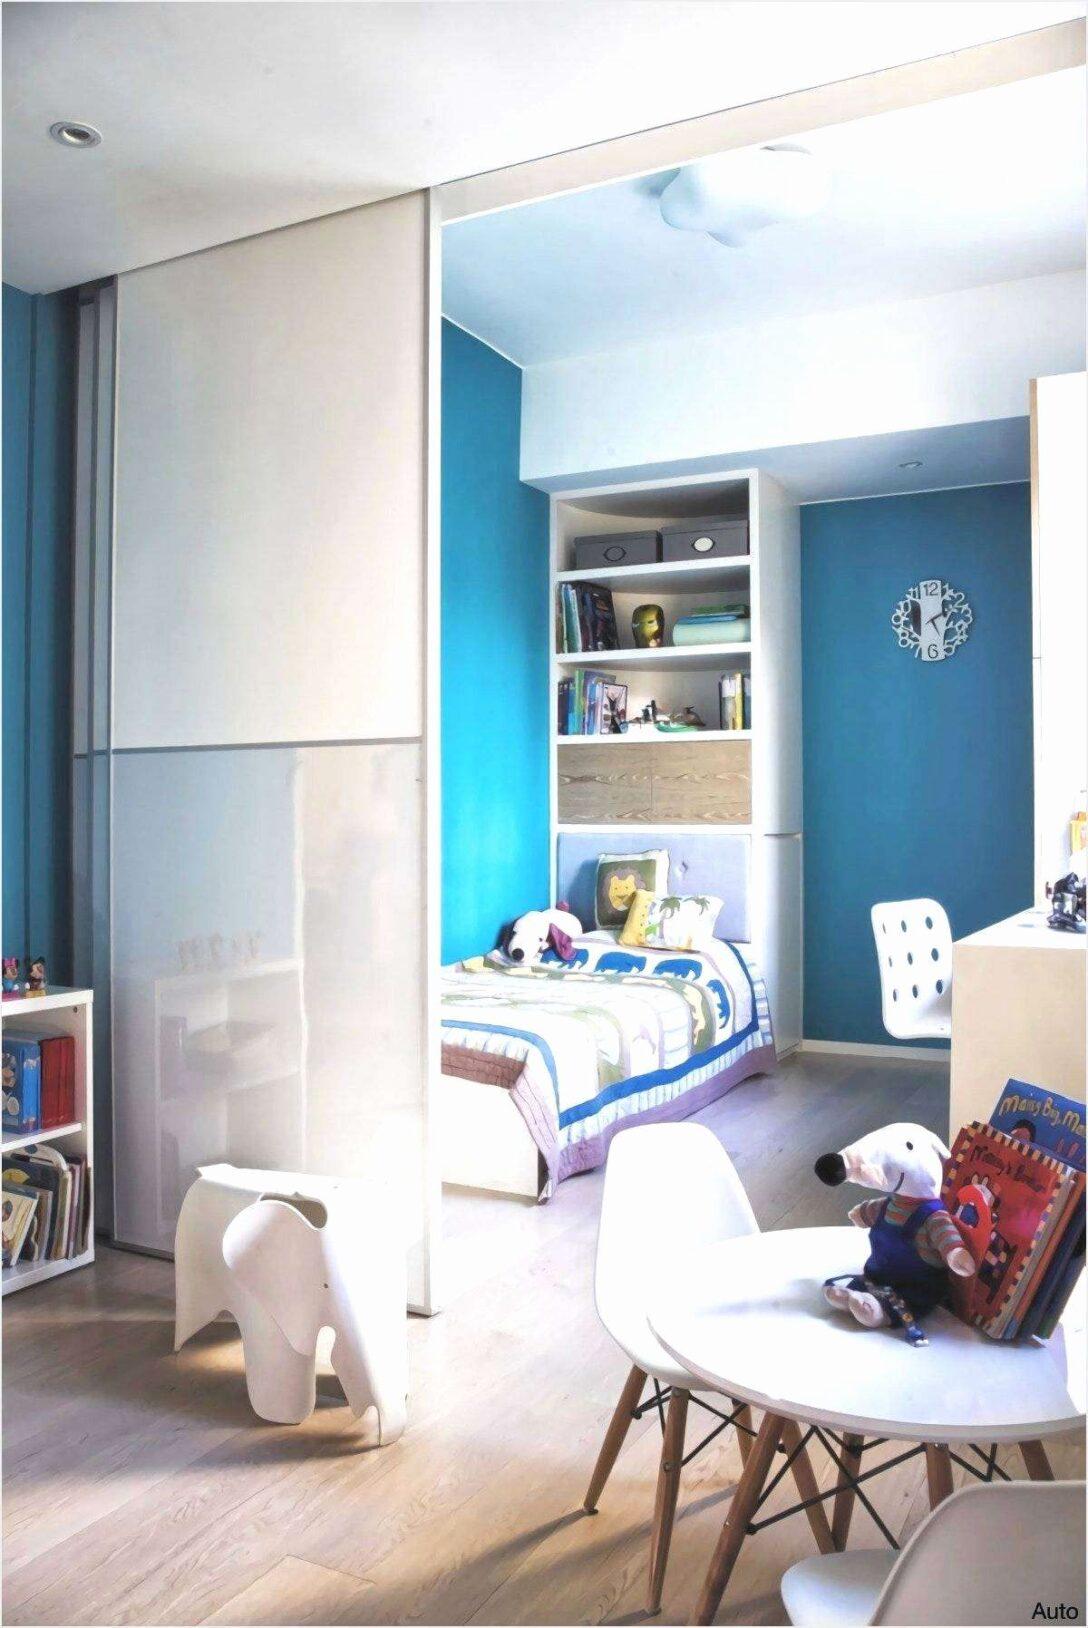 Large Size of Schöne Wohnzimmer 17 Schne Lampen Frs Inspirierend Hängeschrank Weiß Hochglanz Moderne Bilder Fürs Tischlampe Deckenlampen Hängelampe Wandbilder Wohnzimmer Schöne Wohnzimmer